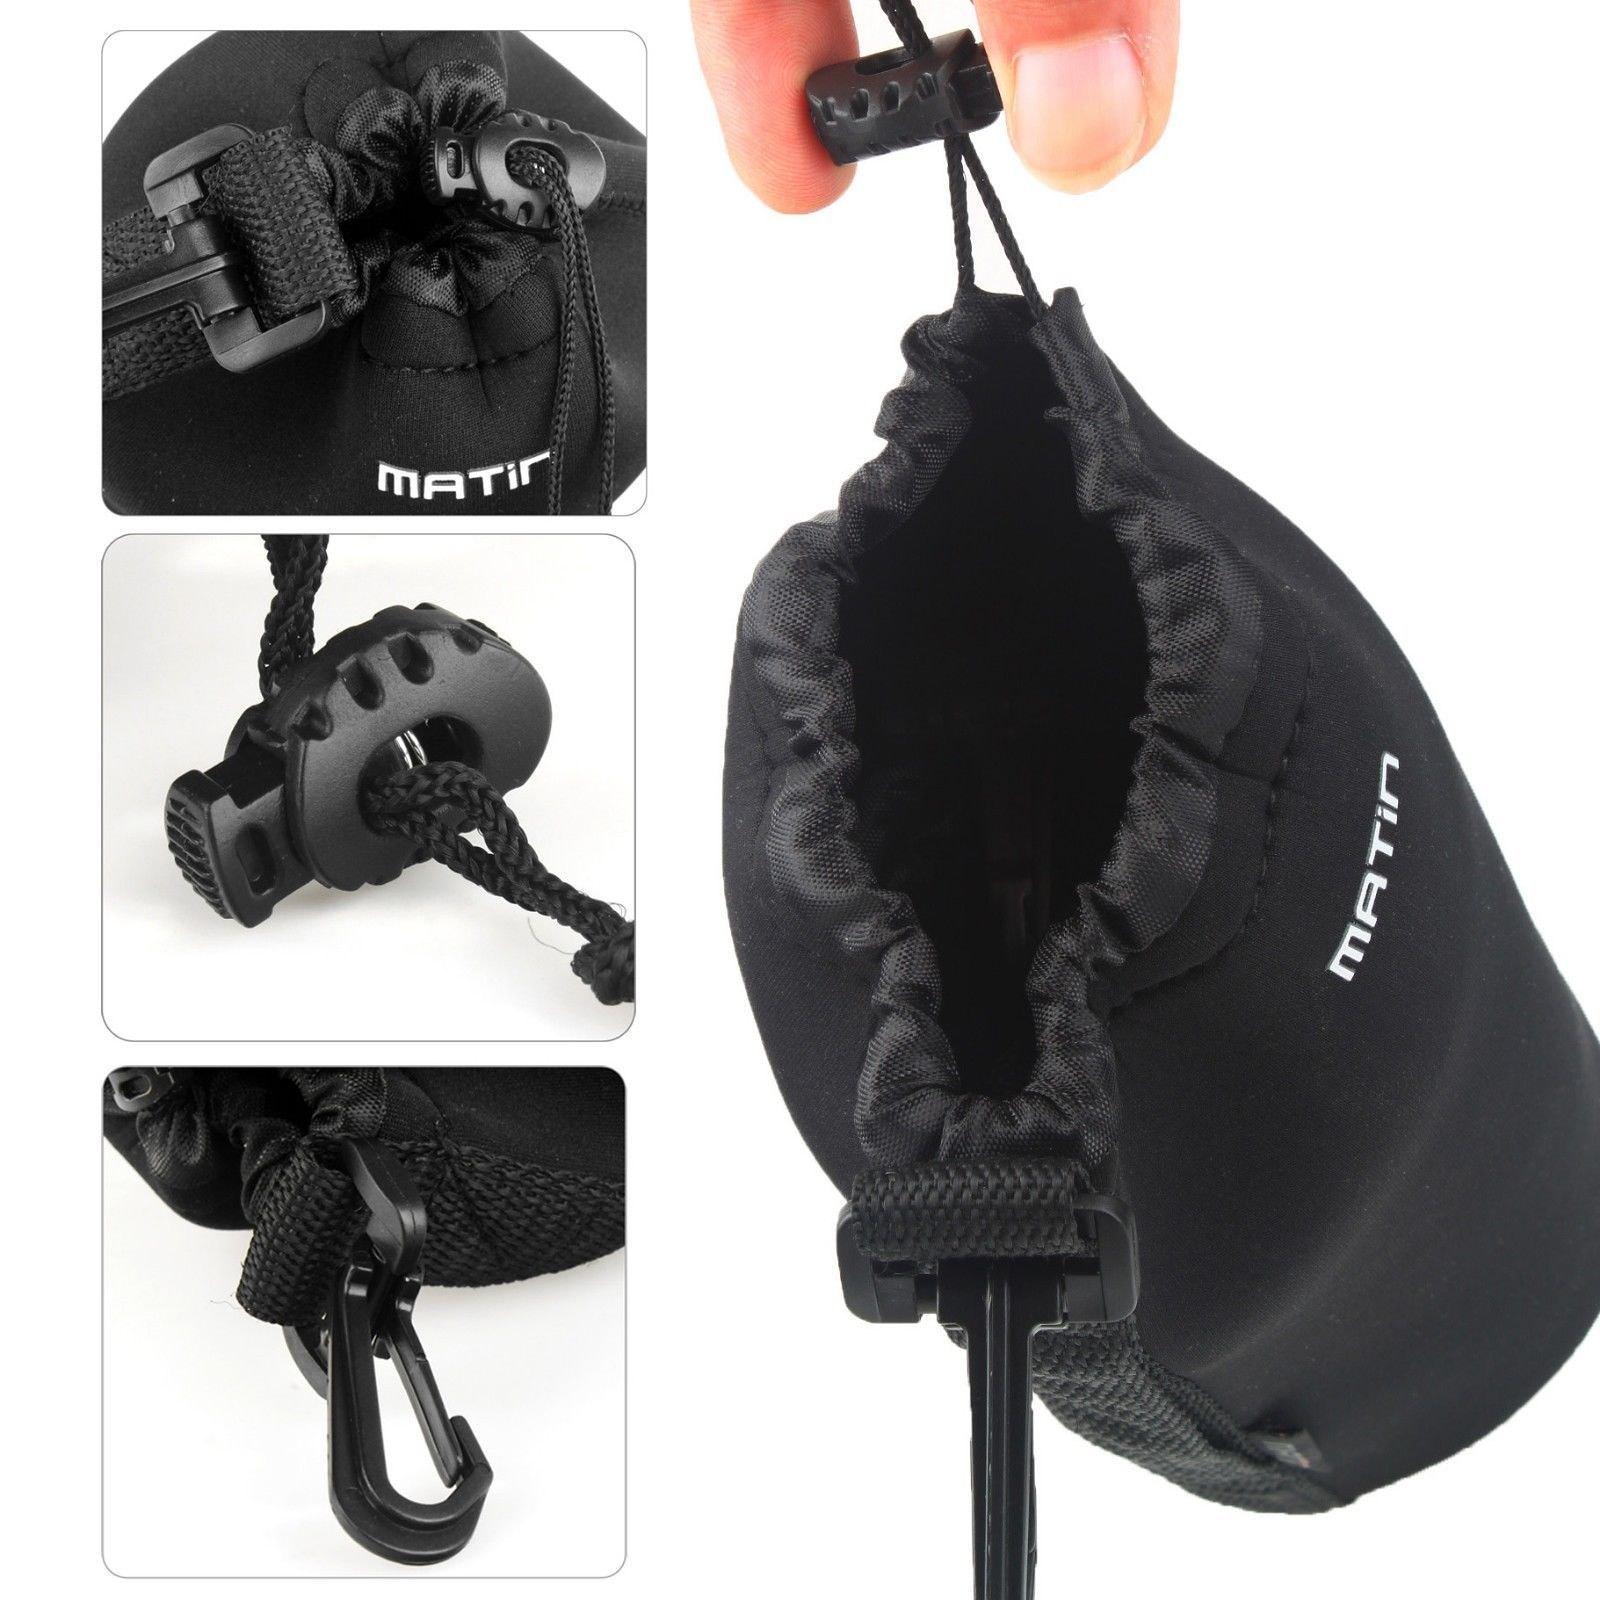 01 Túi chống sốc ống kính Lens máy ảnh Matin size XL_Chiều cao tối đa 22cm